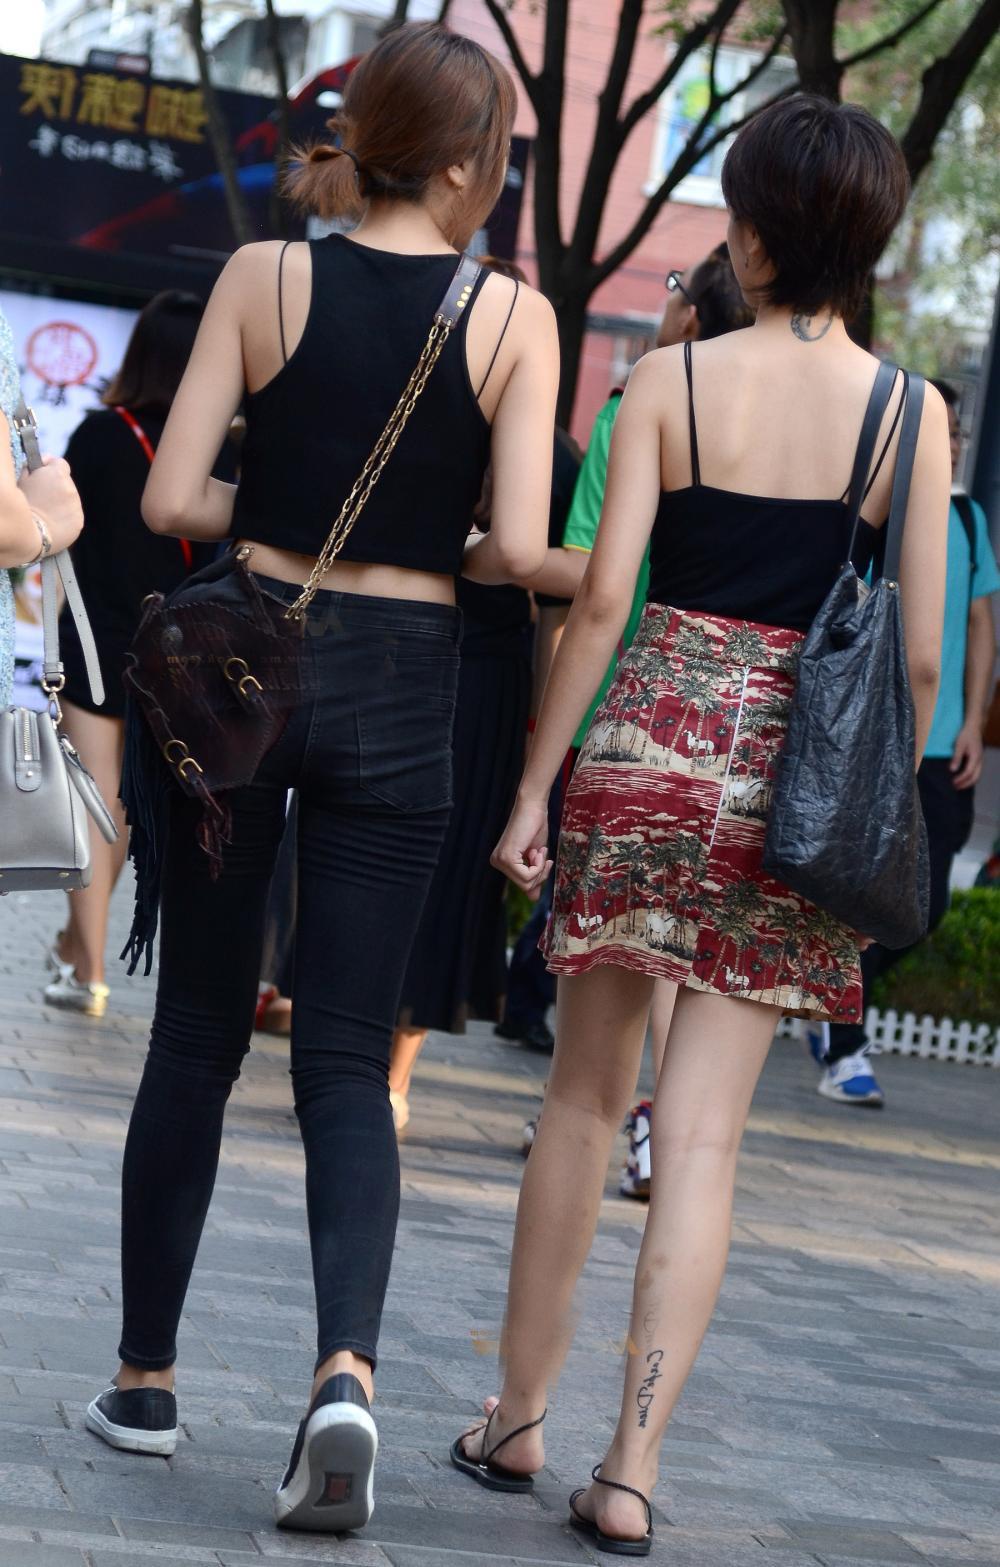 街拍姐妹花, 牛仔裤更显魅力